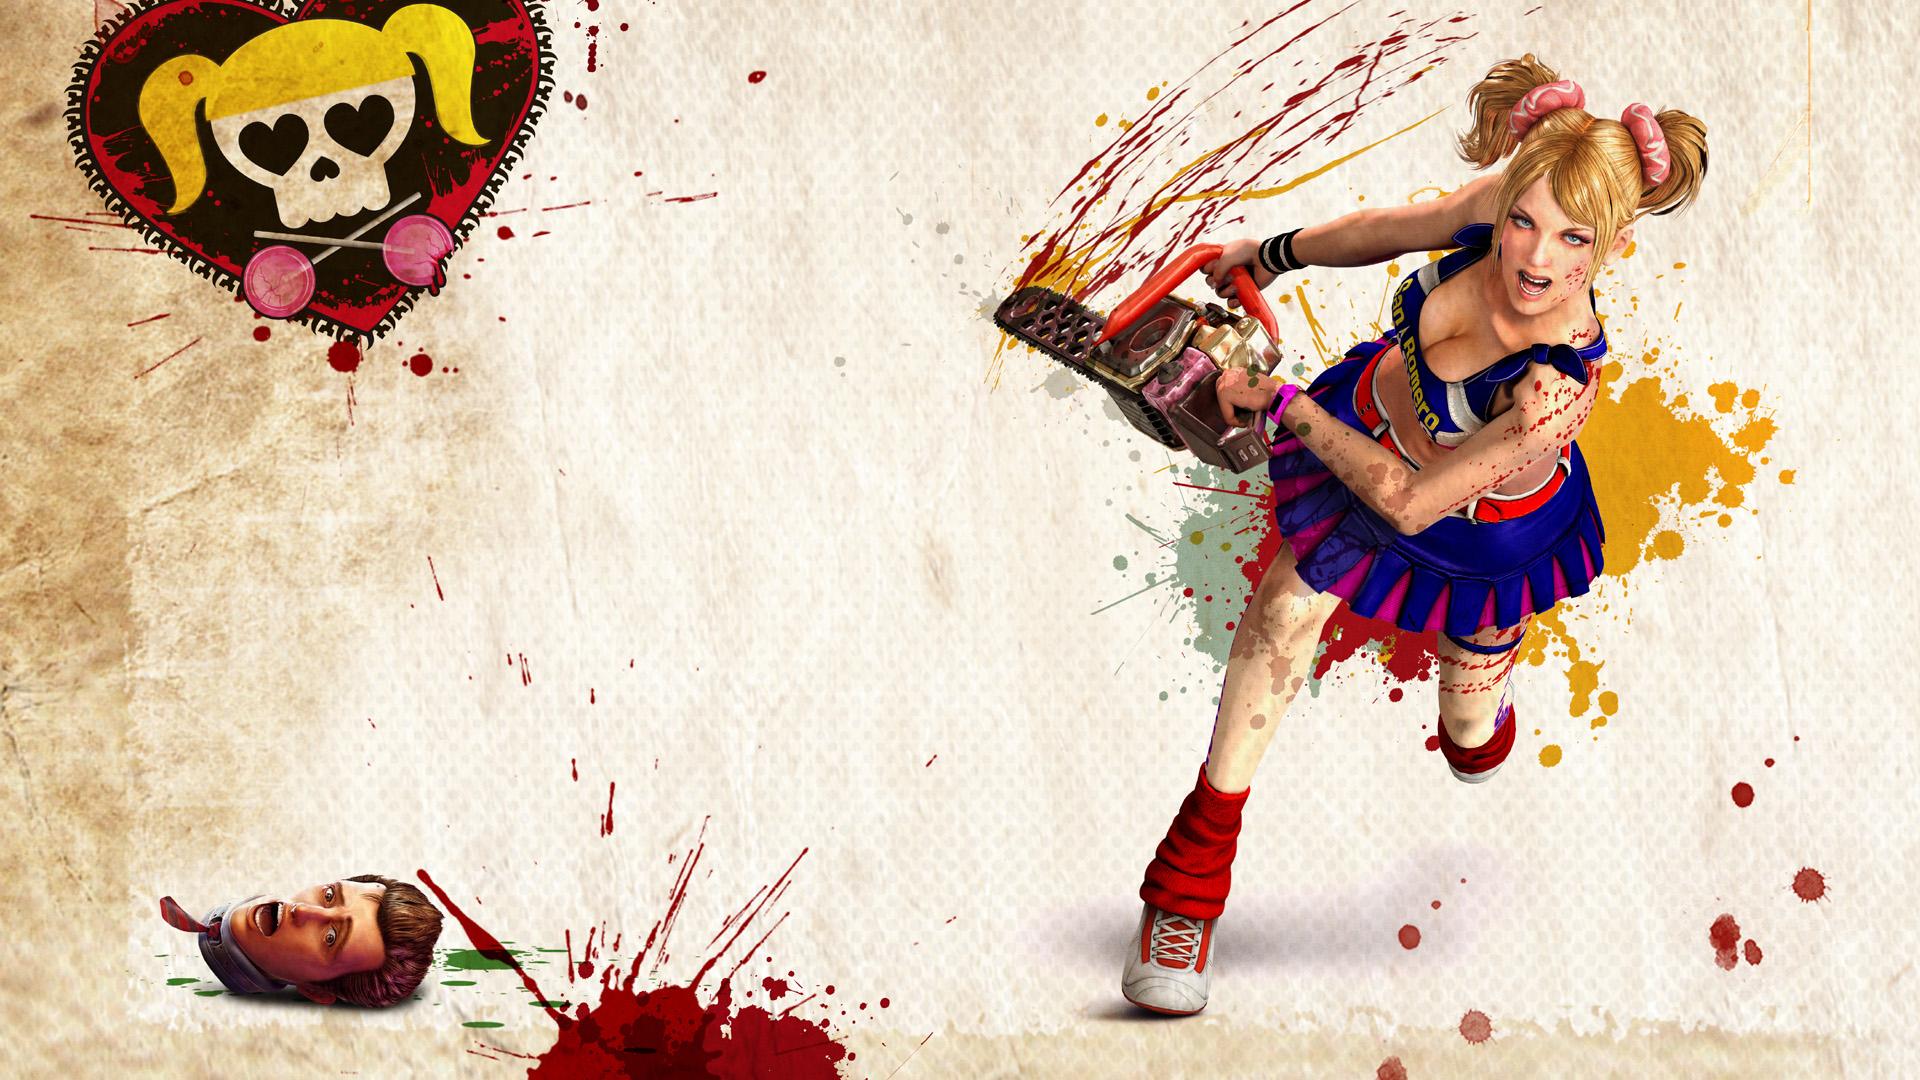 Cheerleader Zombie Hunter Wallpapers HD Wallpapers 1920x1080